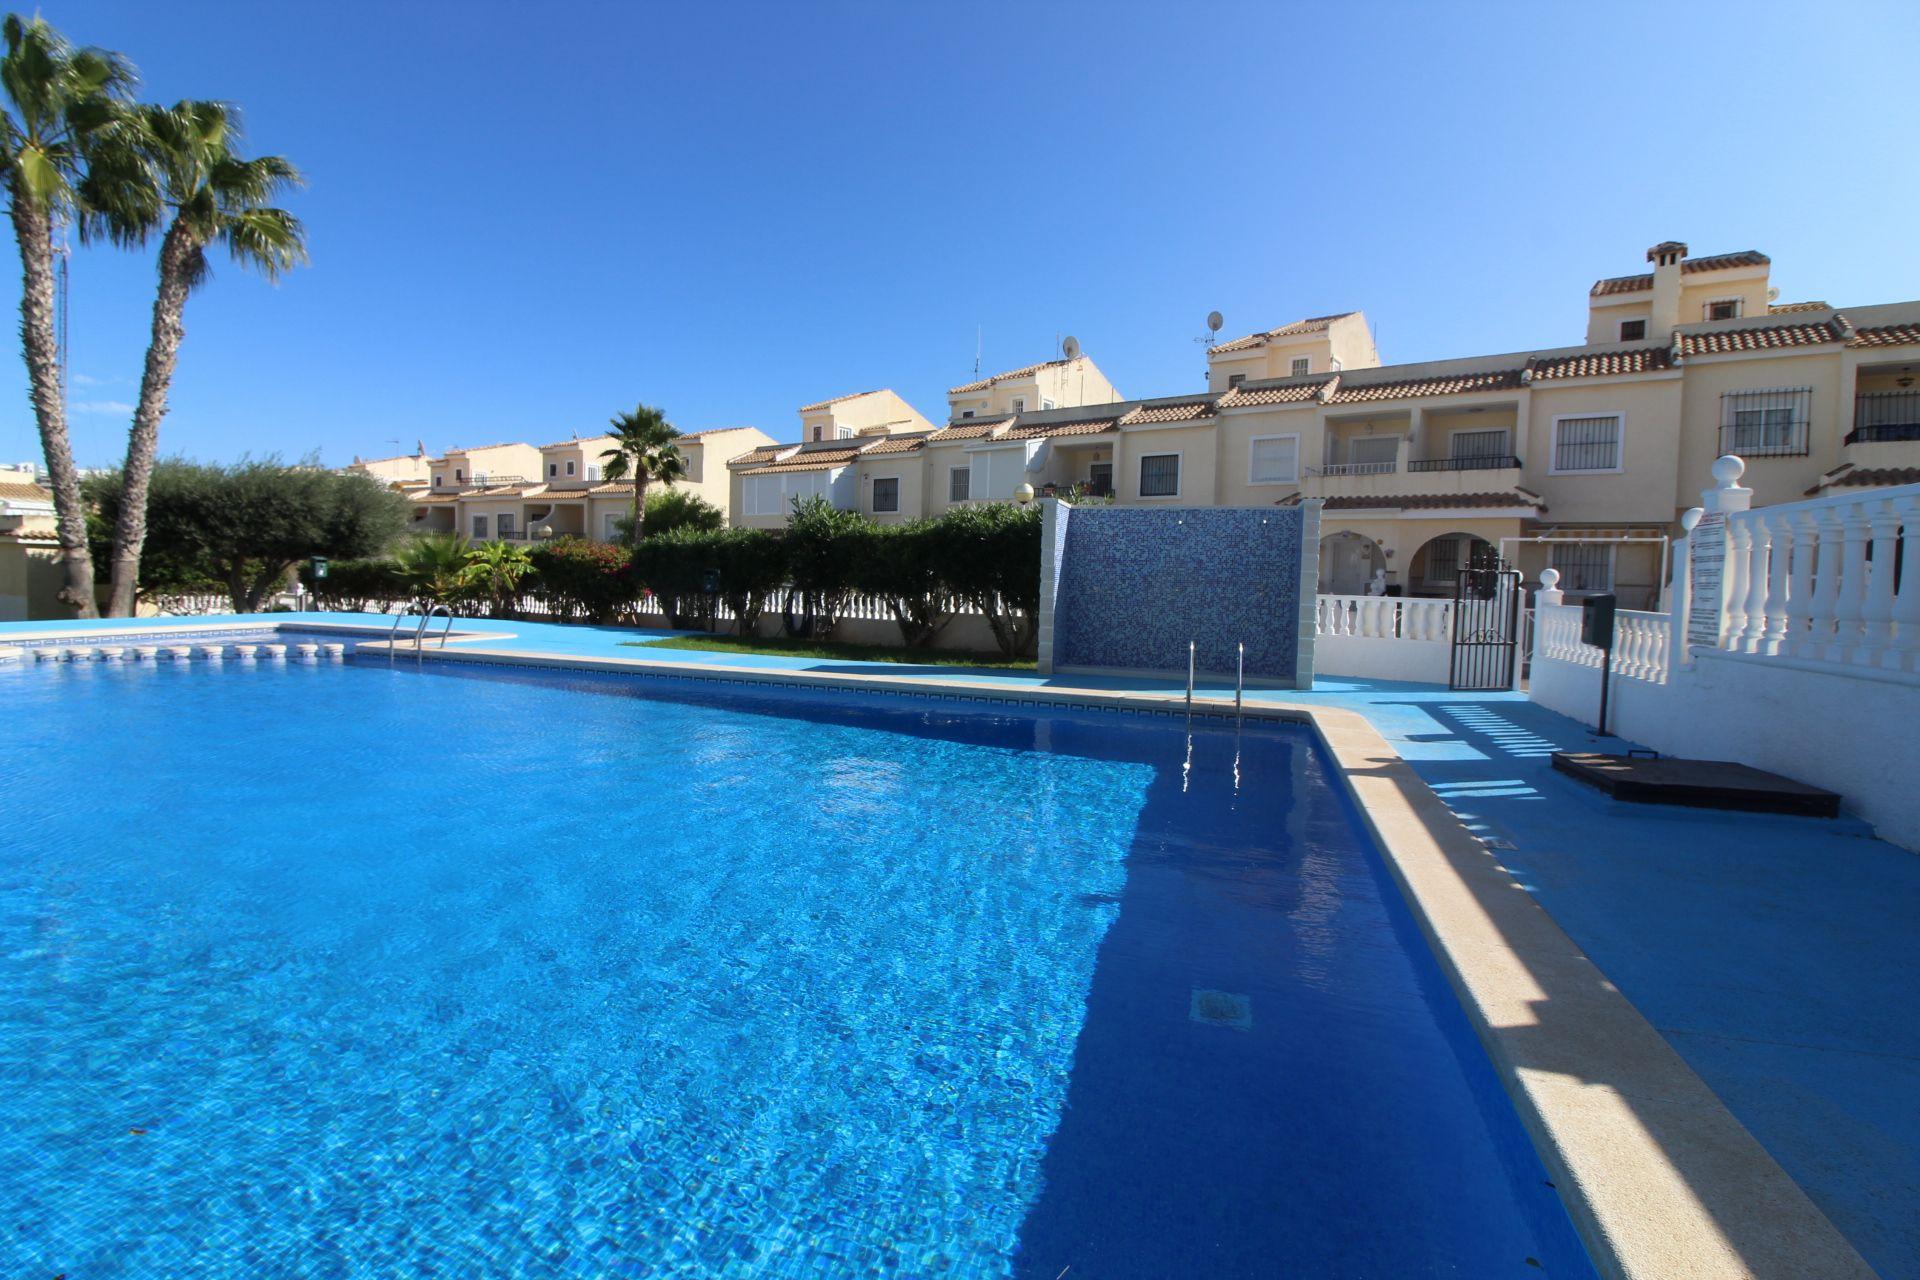 Duplex in Gran Alacant, Monte y Mar Zona Baja Gran Alacant, for sale